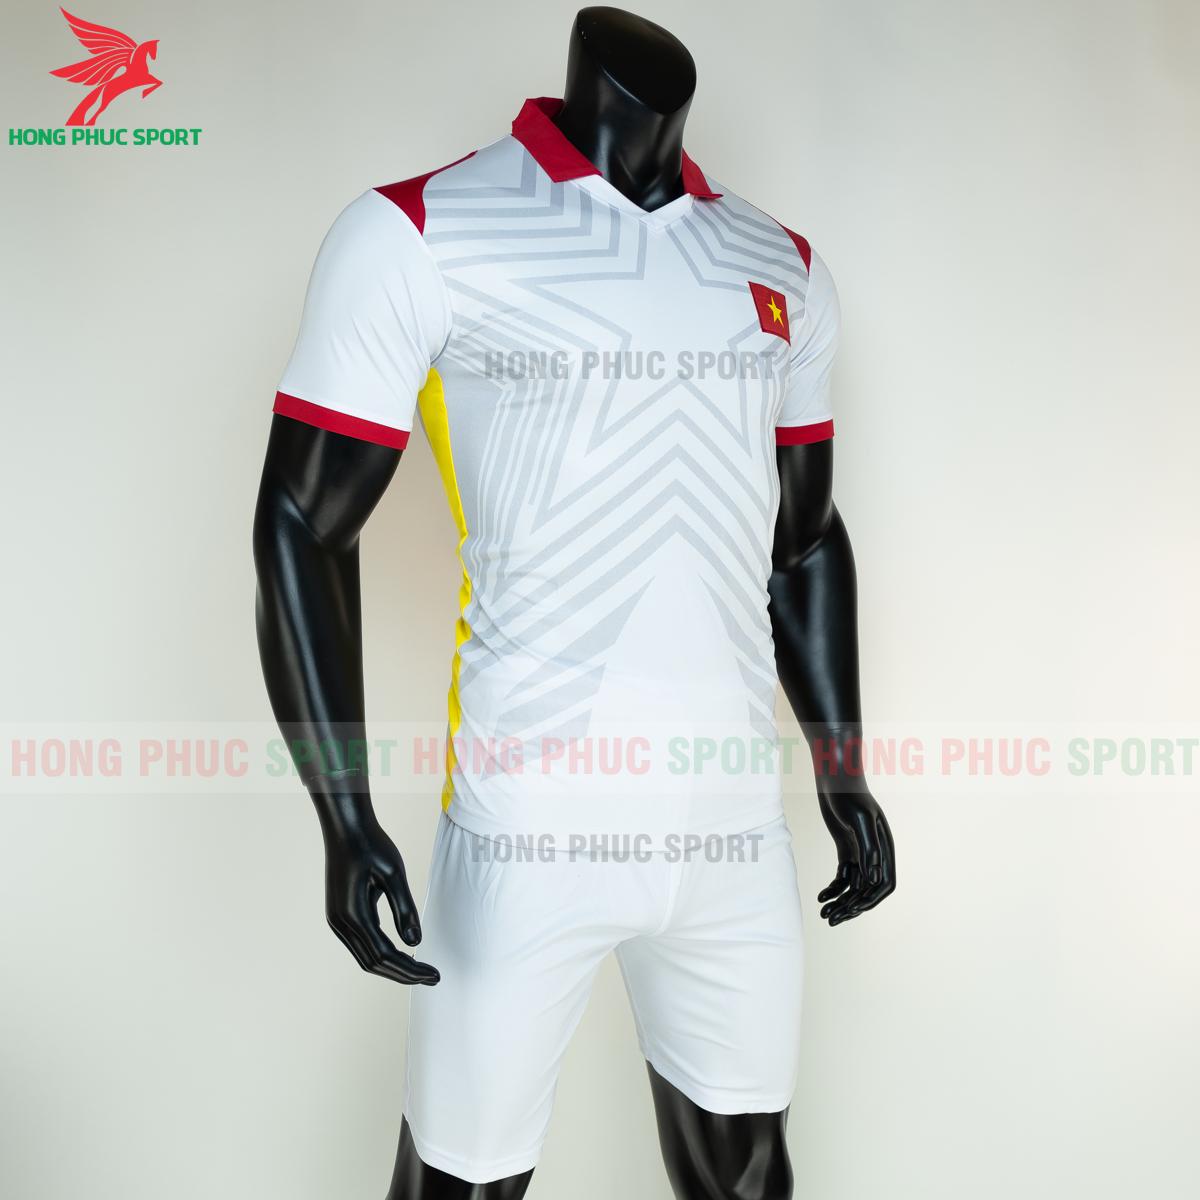 Áo bóng đá tuyển Việt Namsân khách 2021(phải)